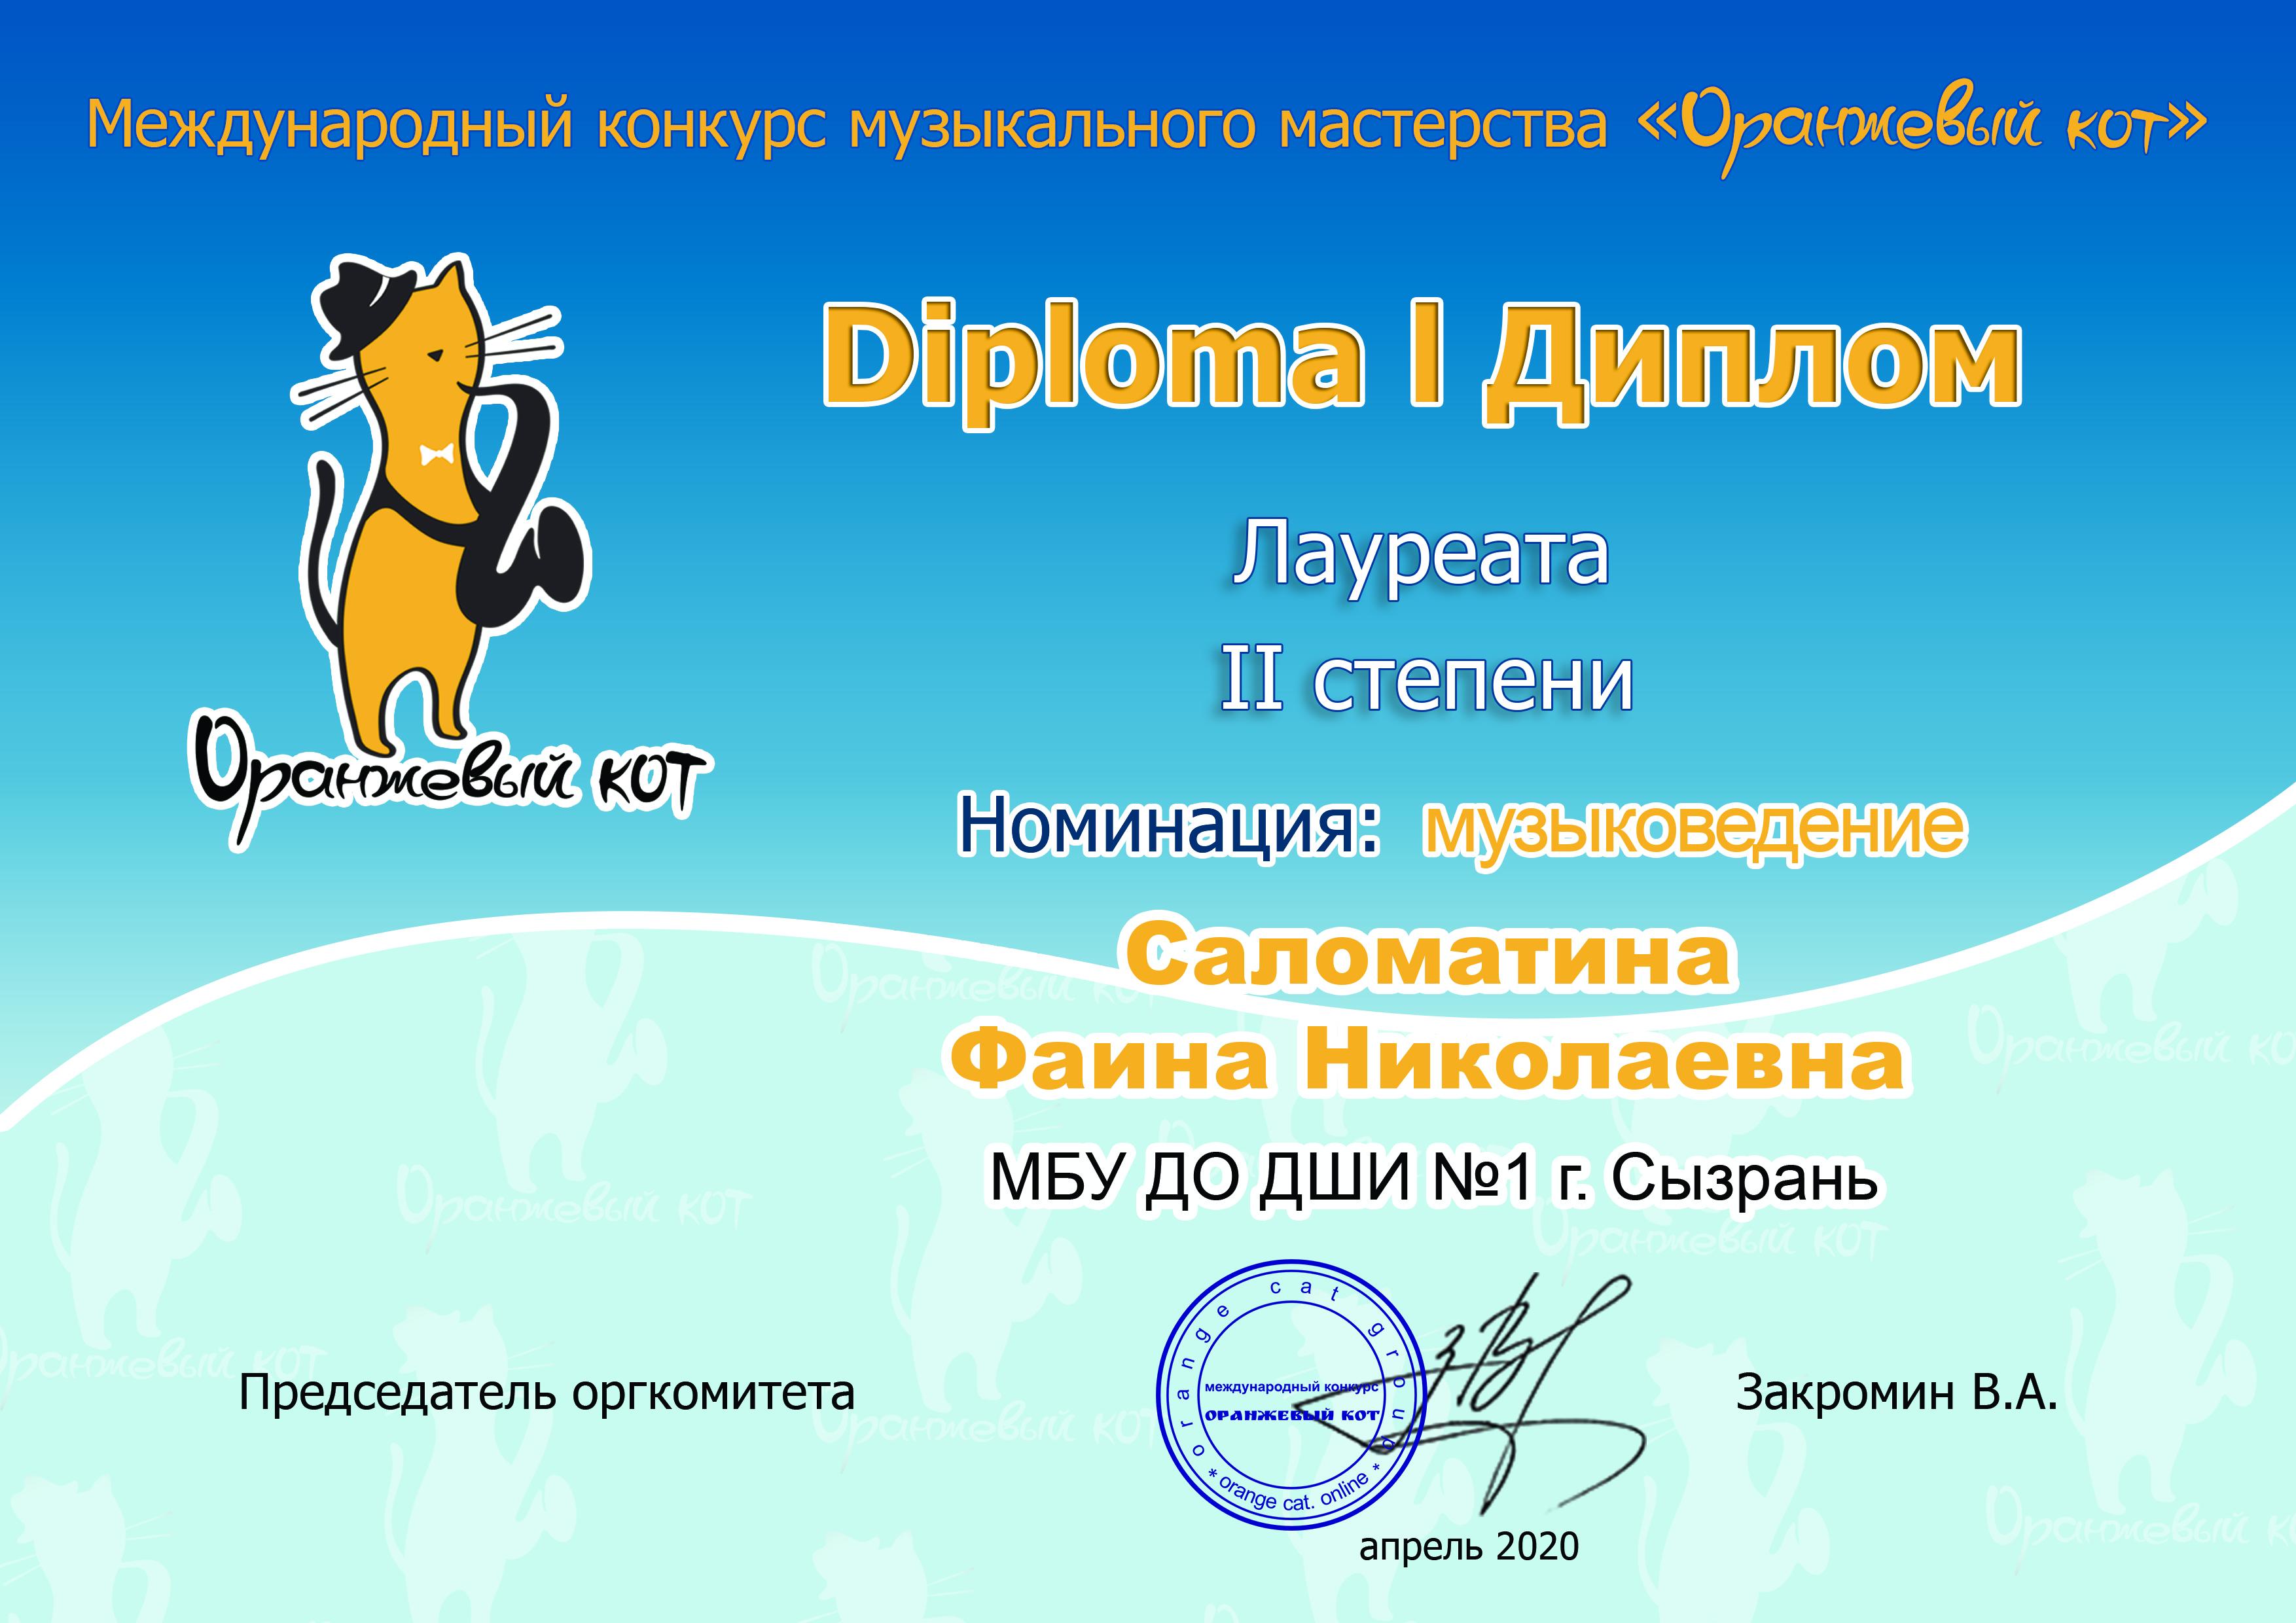 Диплом Саломатина Ф.Н.